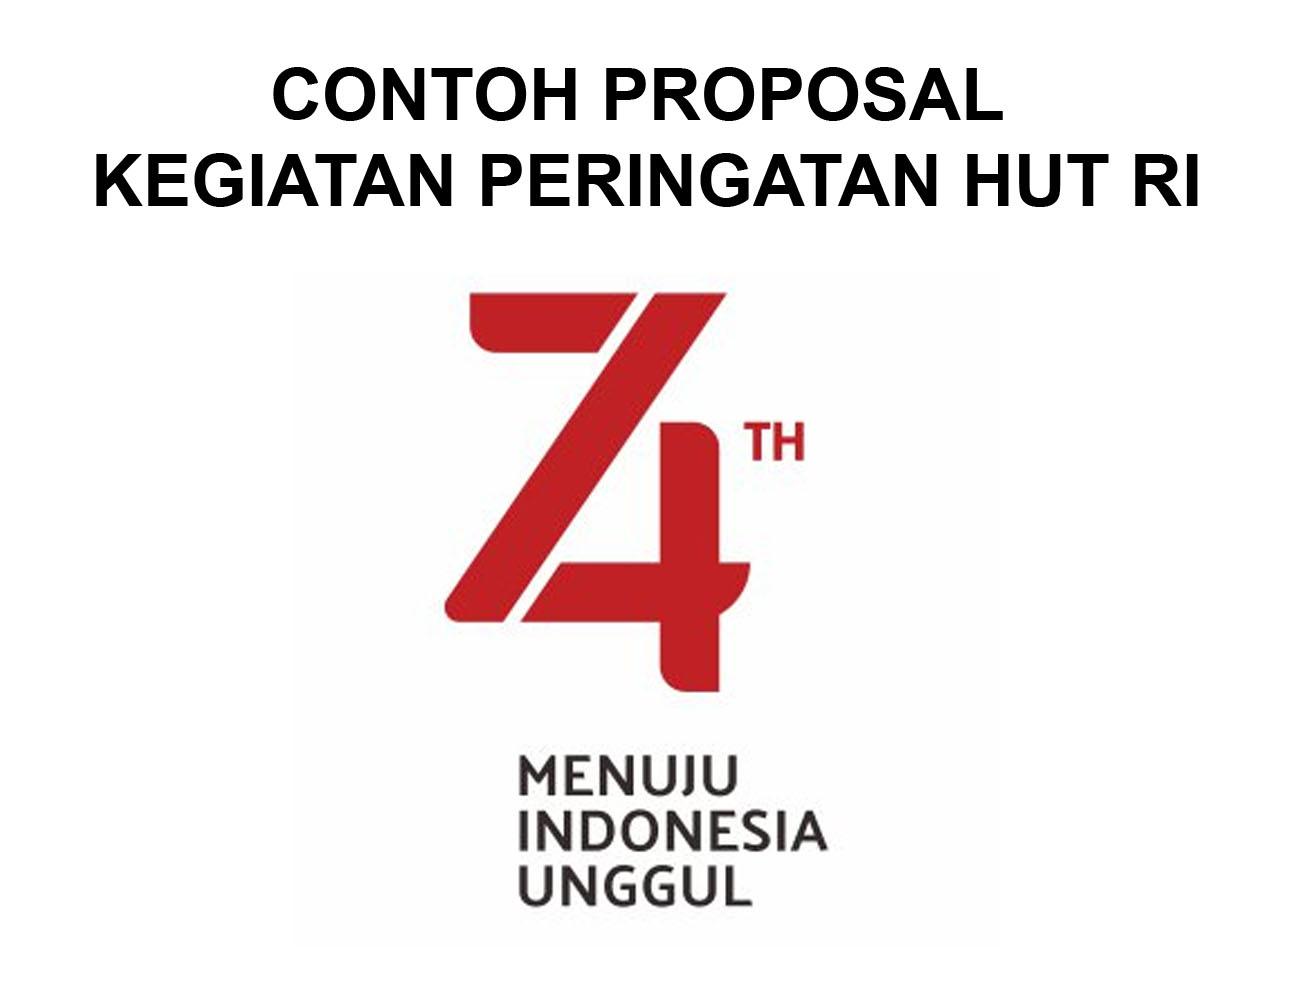 Contoh Proposal Kegiatan Peringatan Hari Kemerdekaan 17 Agustus 2019 Cemiti